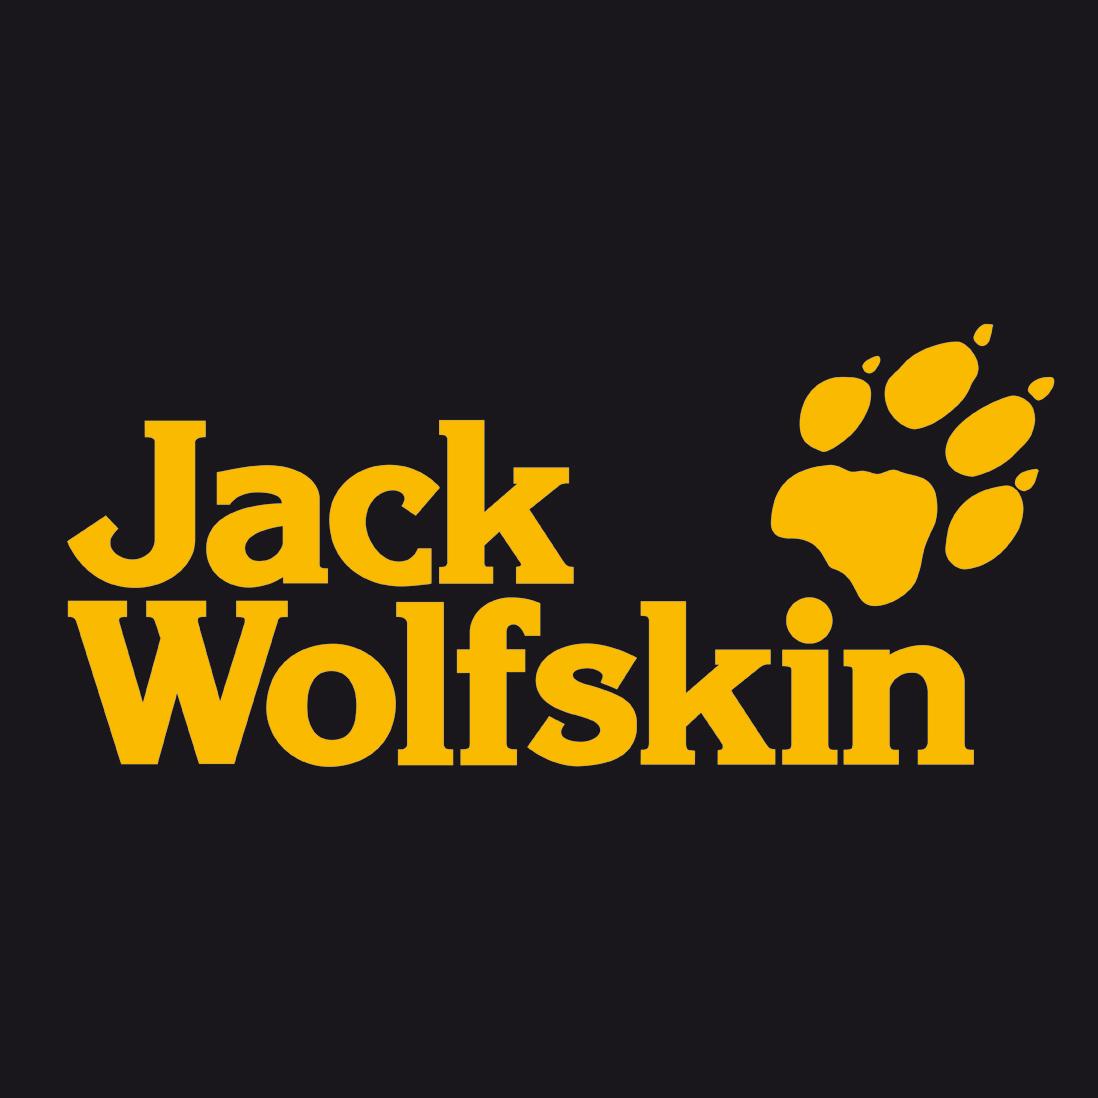 JACK WOLFSKIN (狼爪)